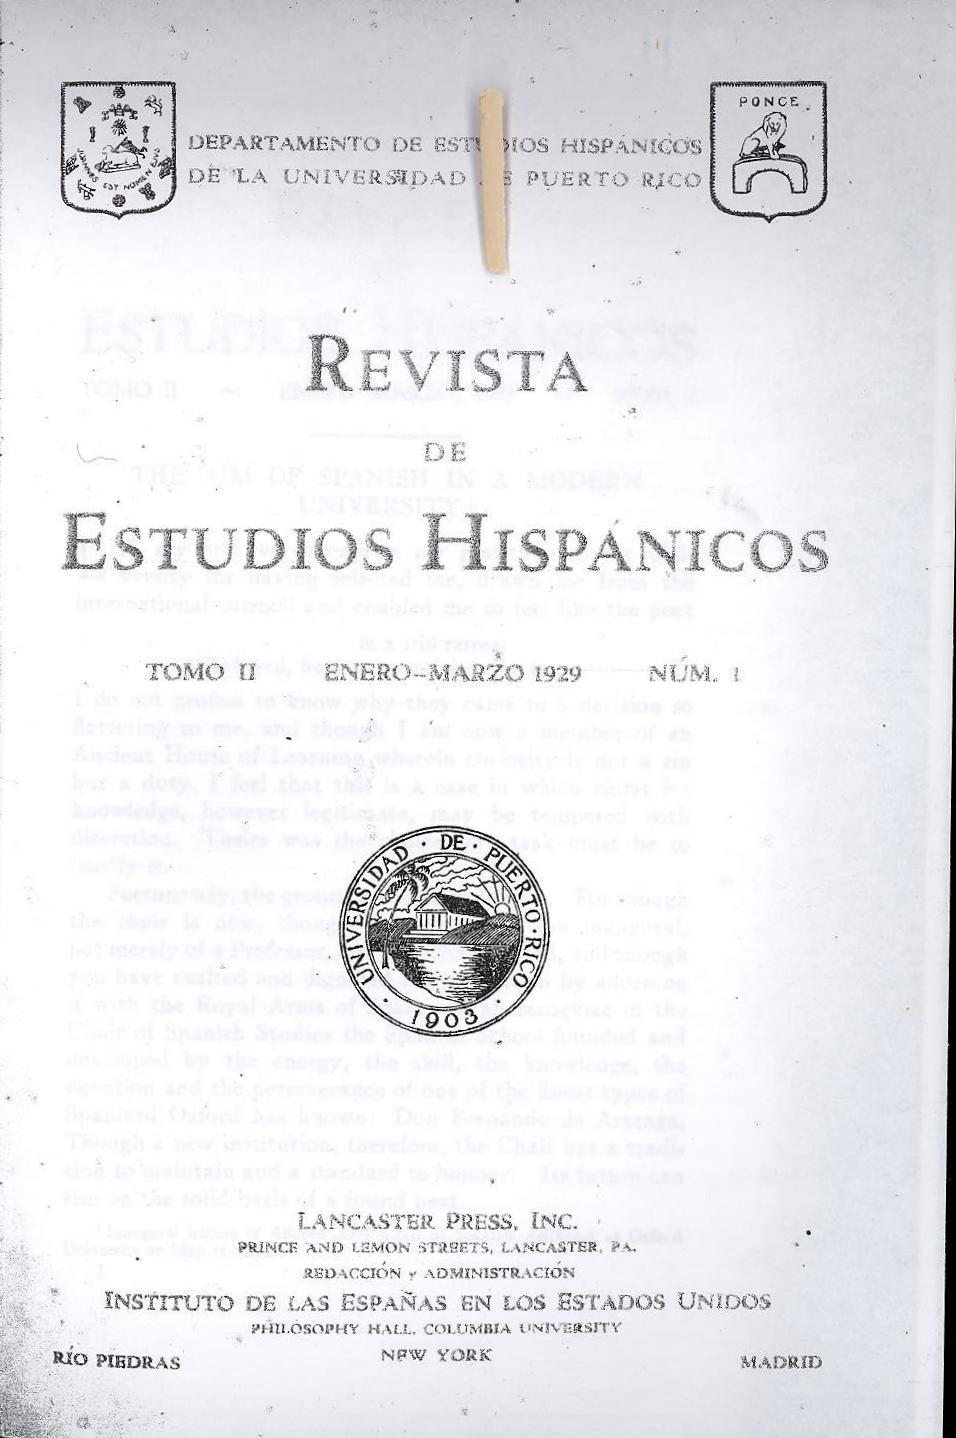 Tomo 2, Núm. 1, Enero-Marzo 1929